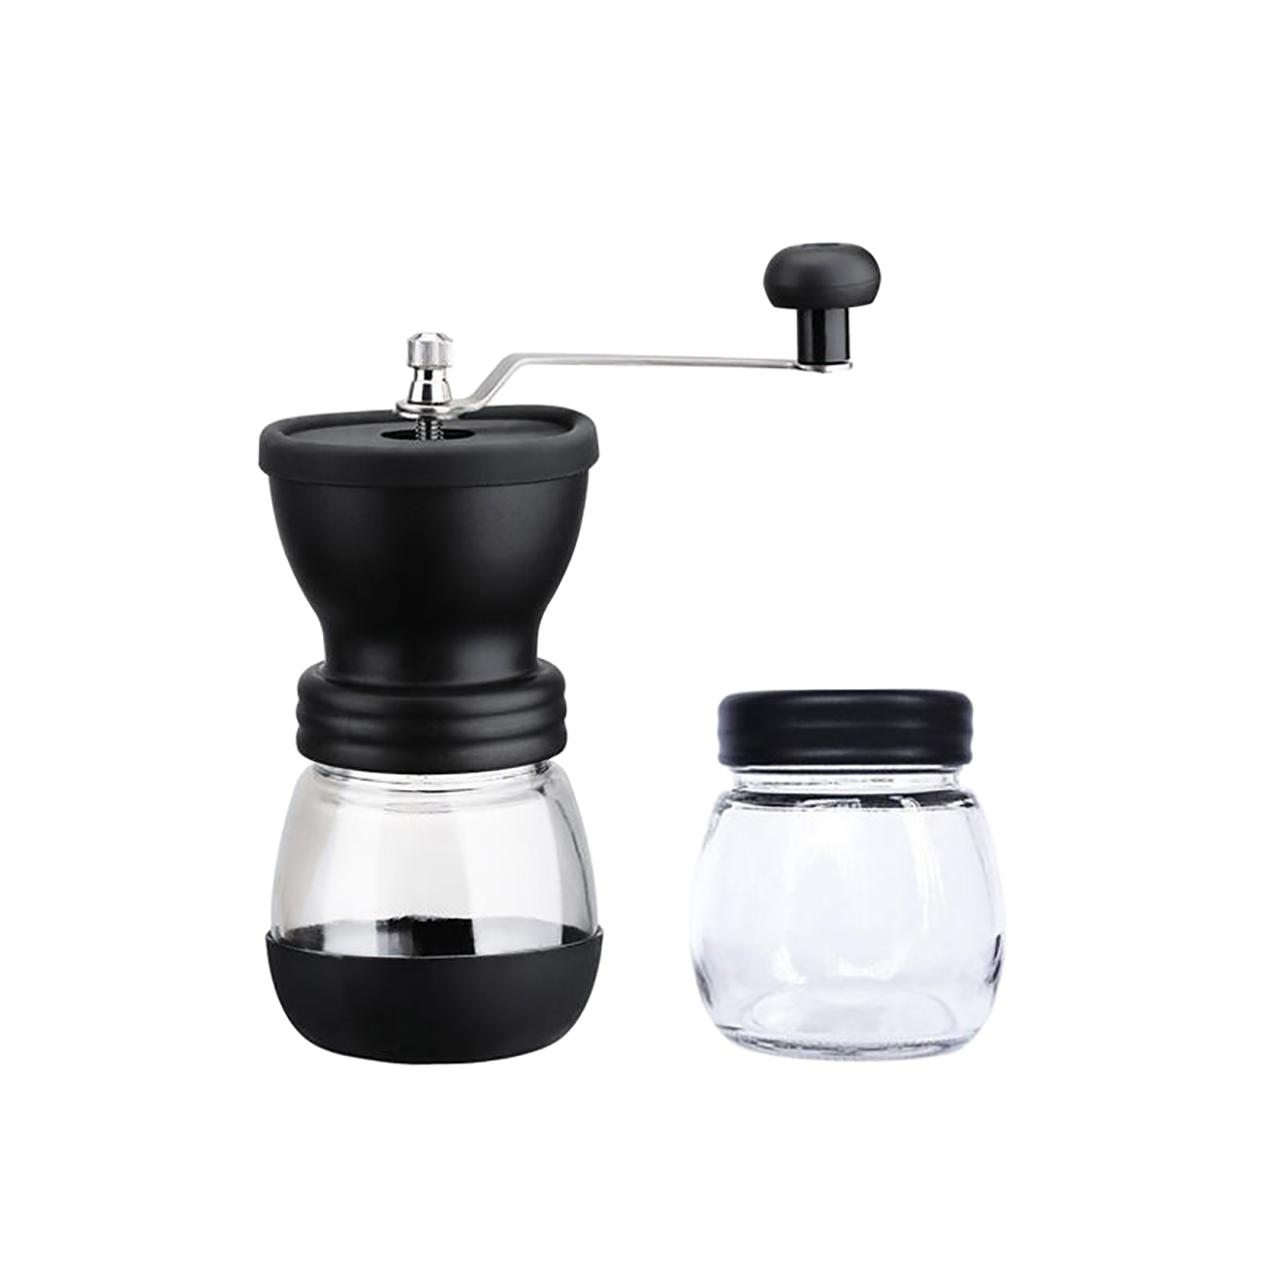 آسیاب قهوه دستی مدل sn-04